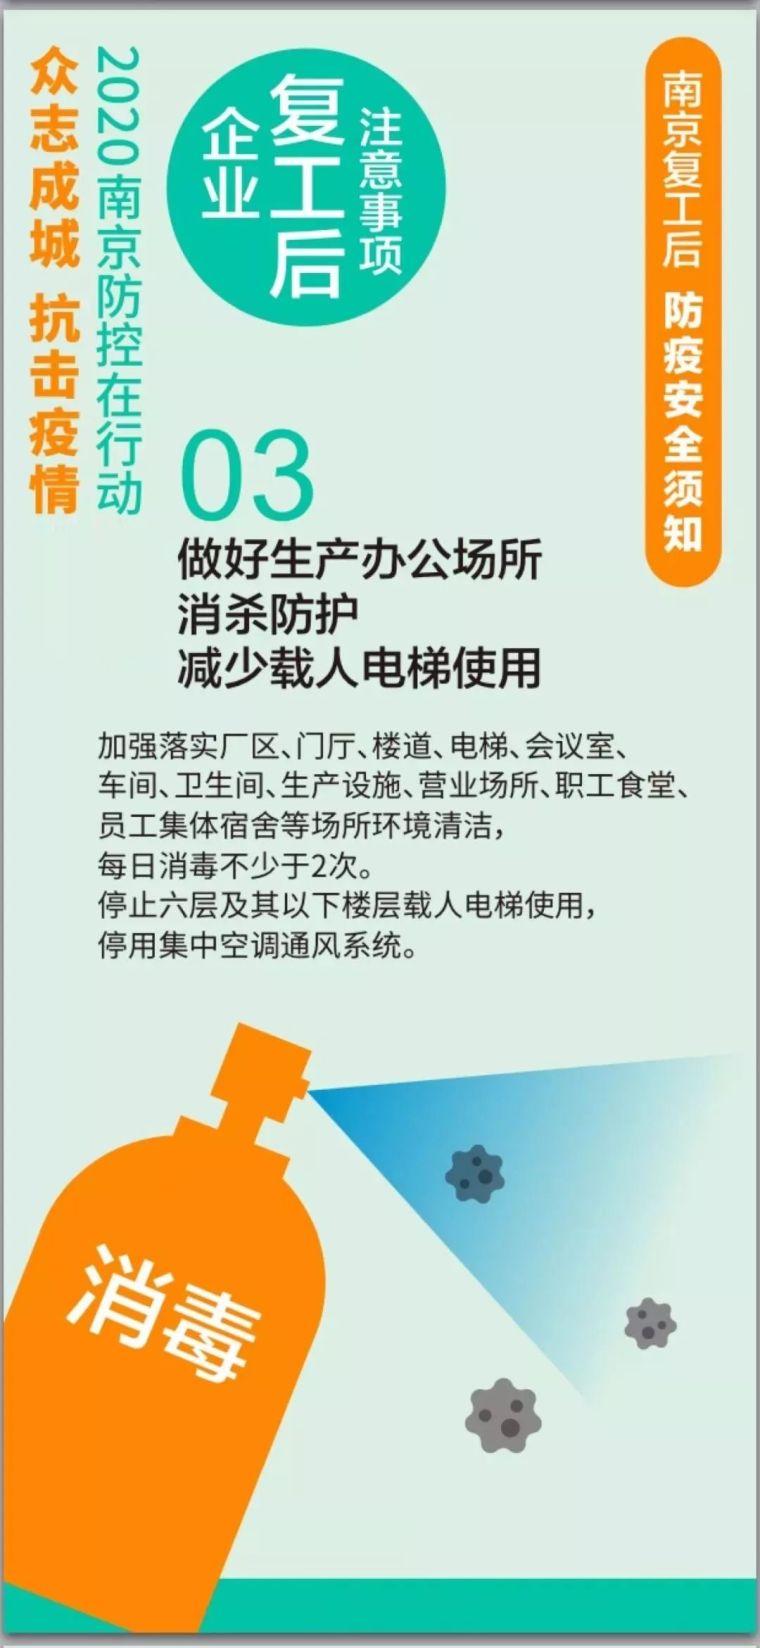 企业复工,防疫安全须知(图解)_9